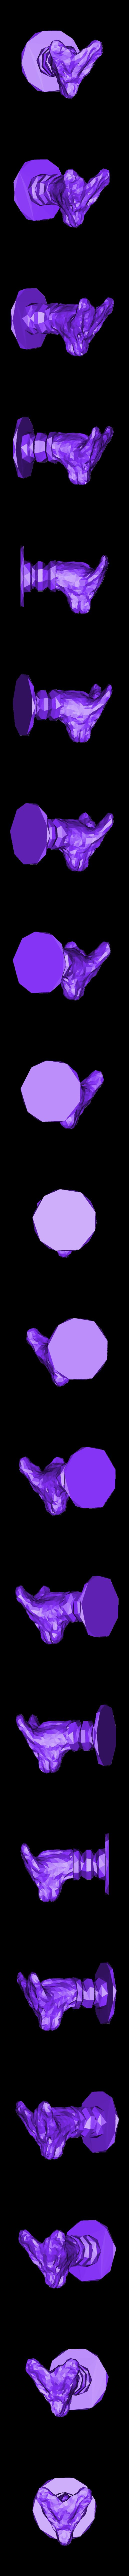 Low poly Dragonhead.stl Télécharger fichier STL Buste à tête de dragon en poly • Plan à imprimer en 3D, Aboutexodma